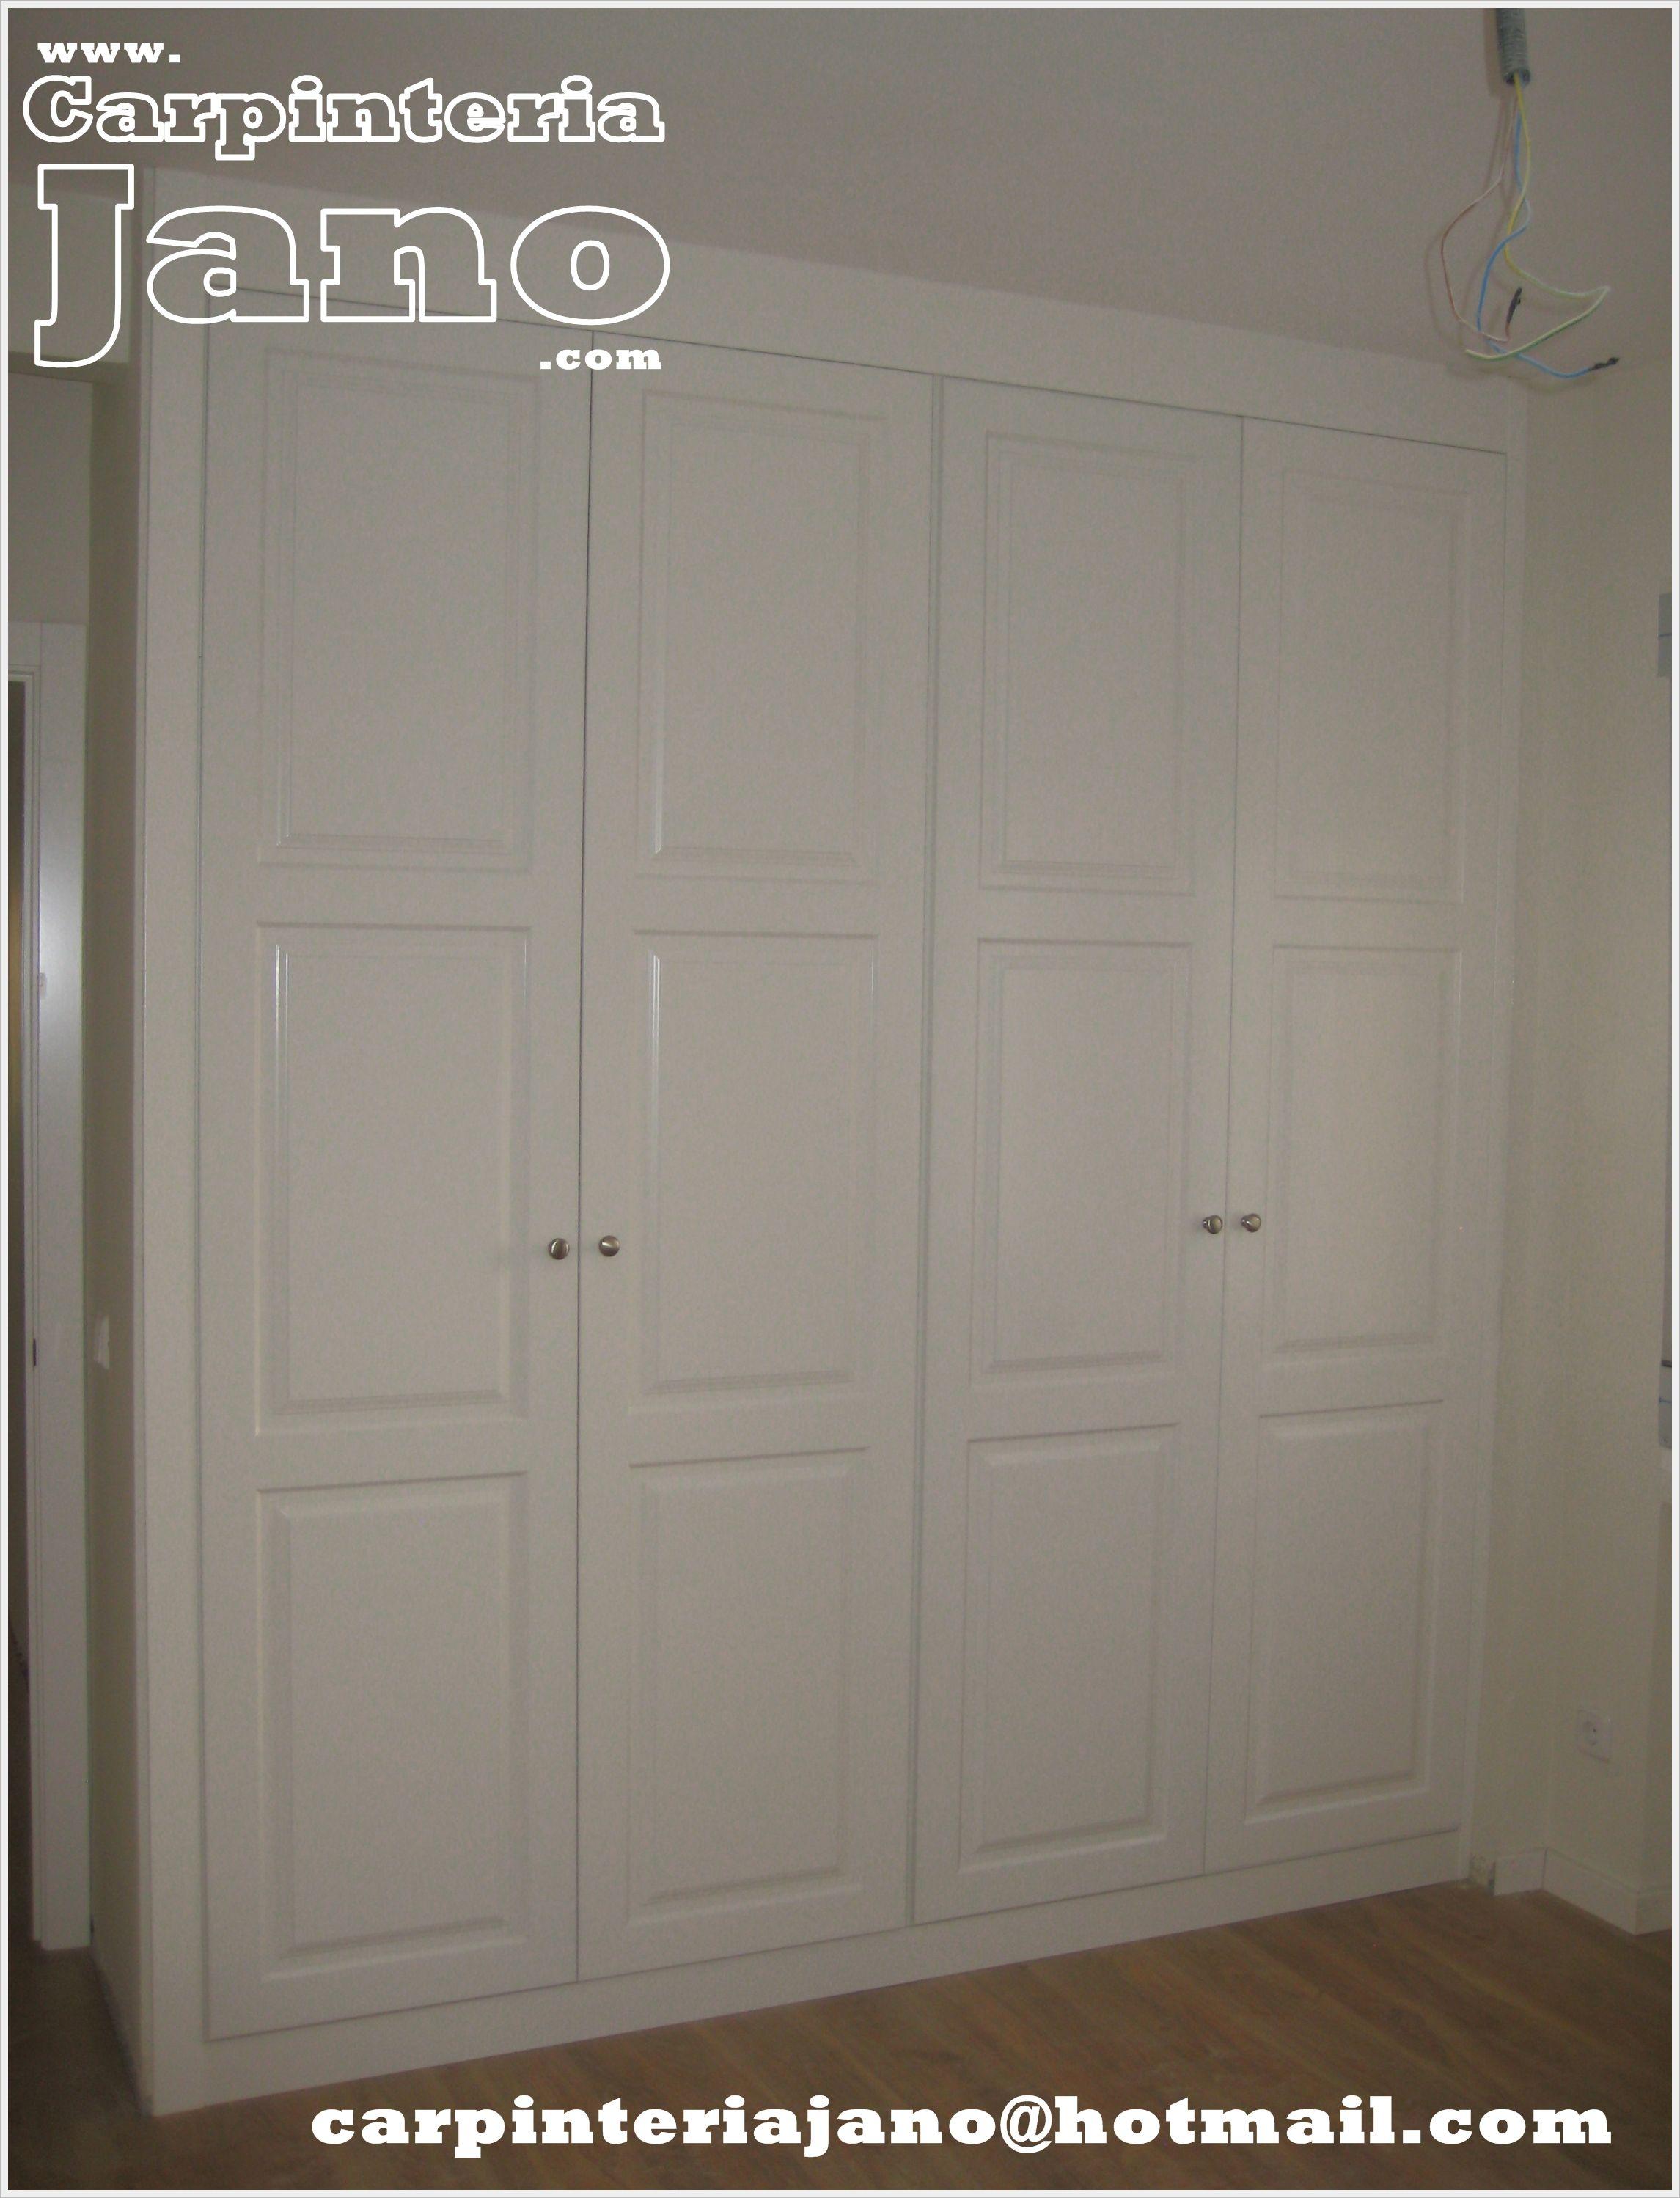 Lacar puertas en blanco precio puertas dm para pintar precio lacar puertas en blanco amazing Lacar puertas en blanco